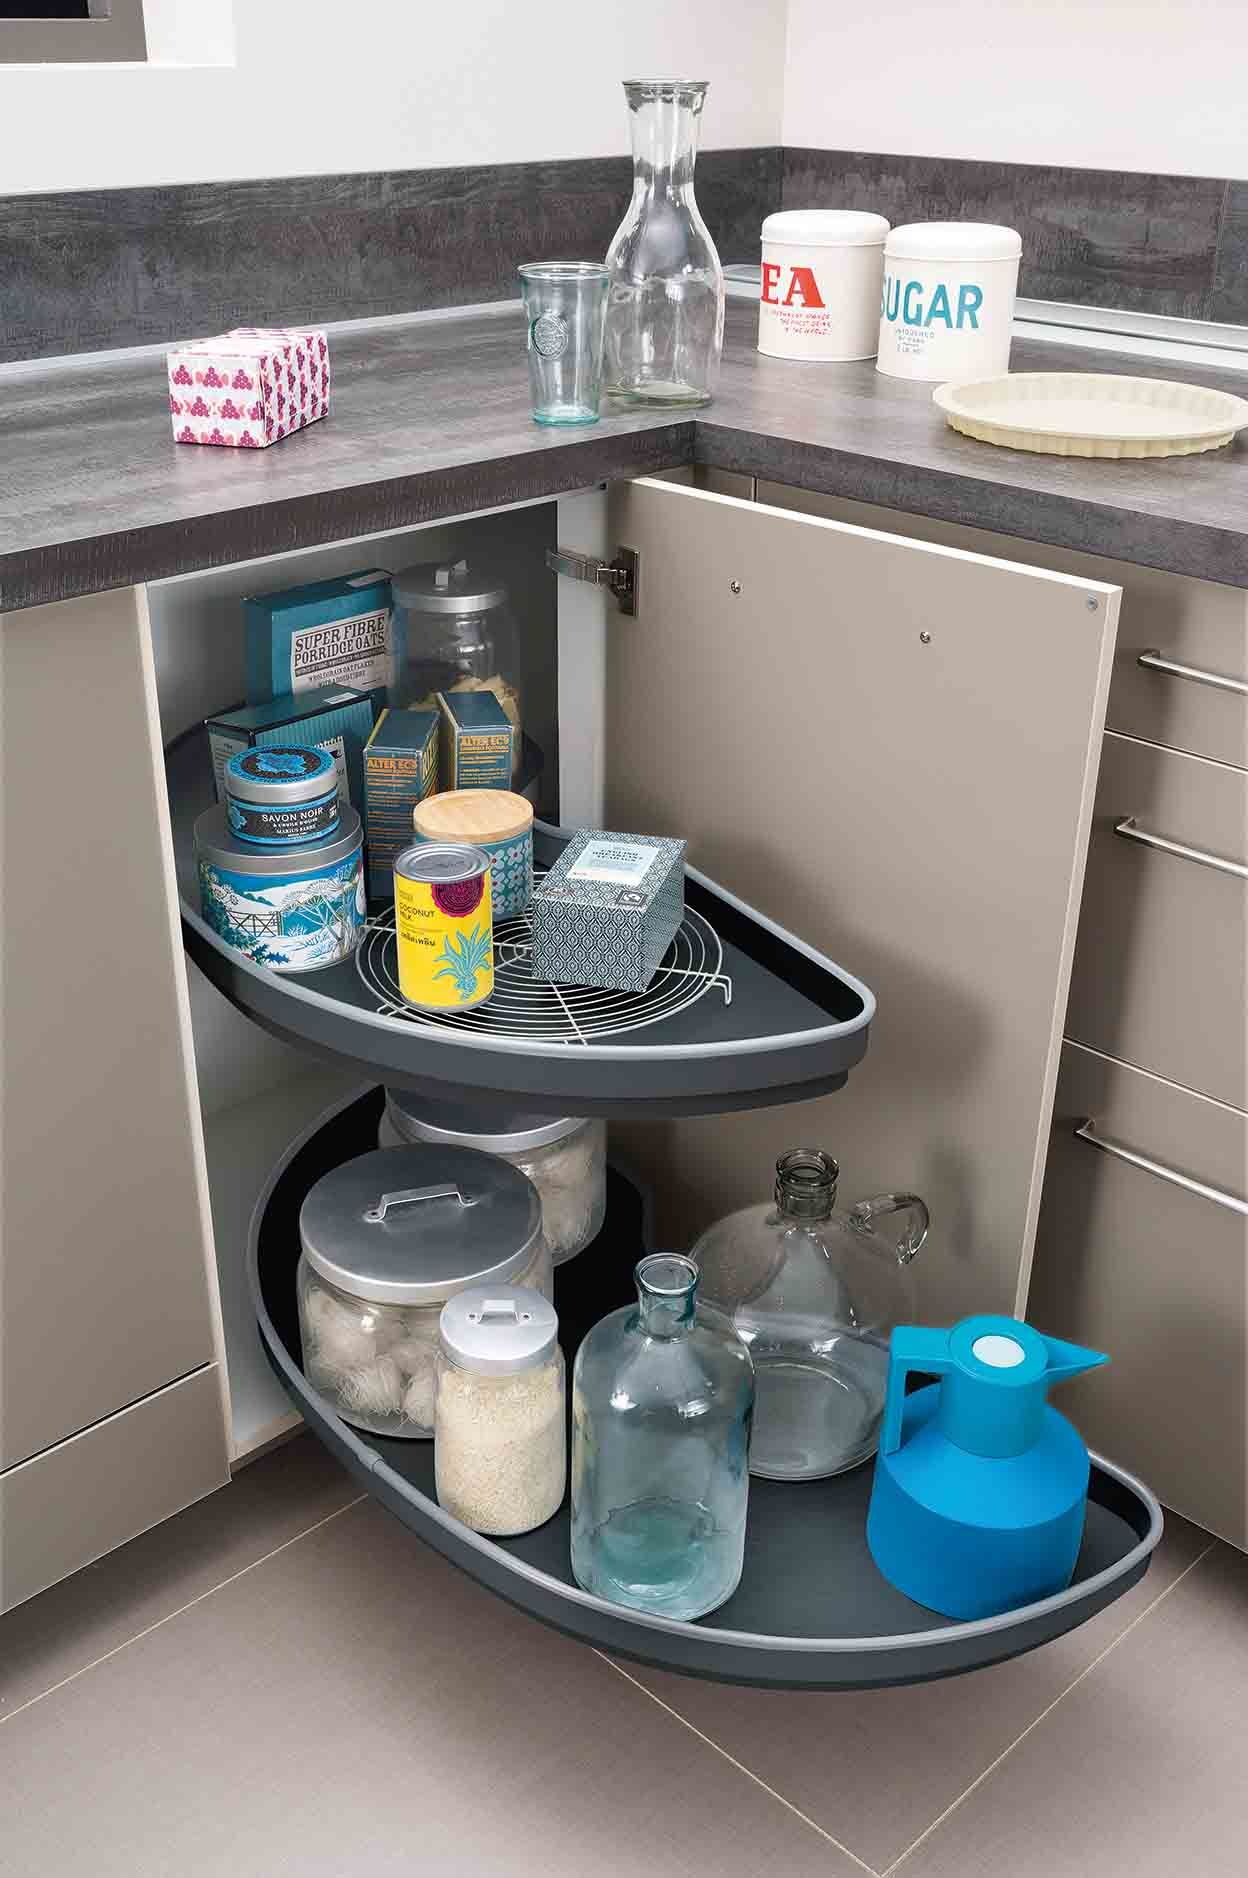 Meubles De Rangement Ingenieux Amenagement Interieur Meuble Cuisine Meuble Angle Cuisine Organiser Placard Cuisine